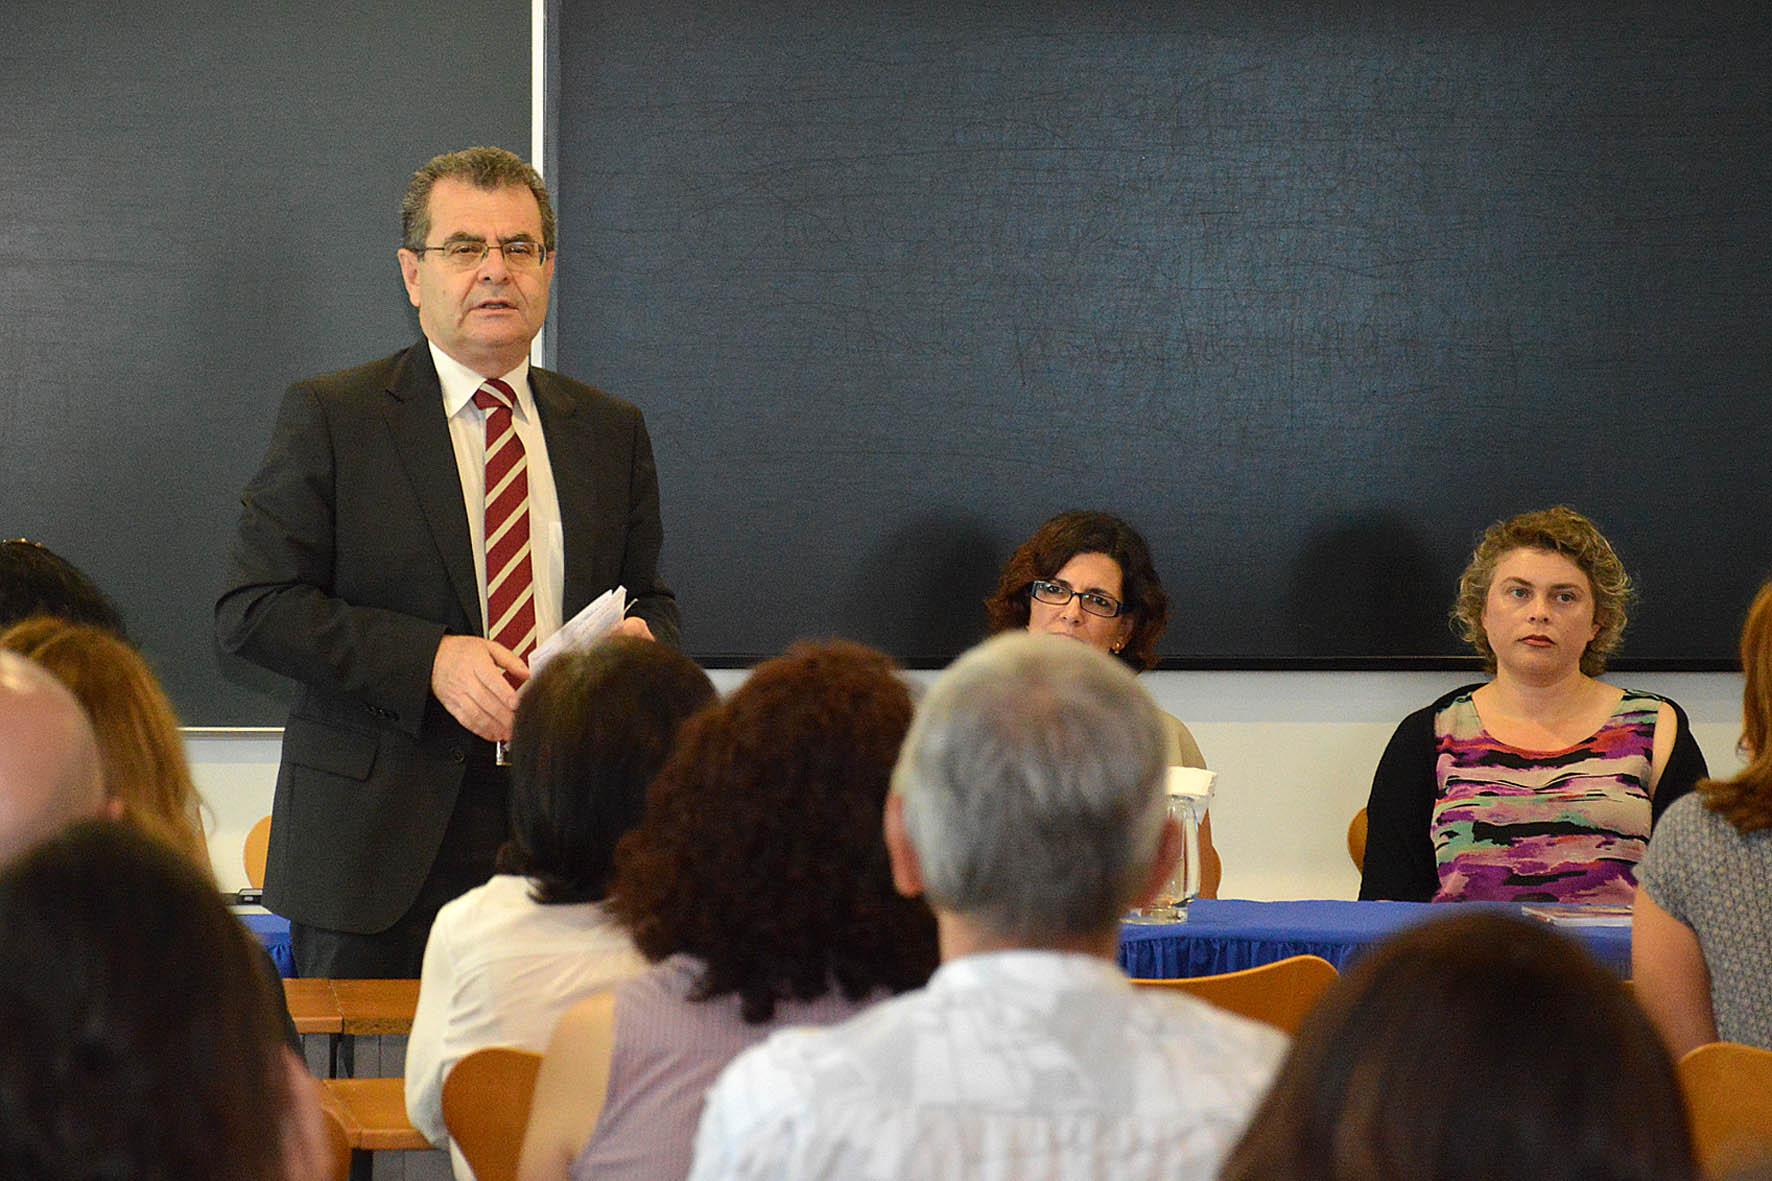 Avelino Meneses confirma que lecionação de temas e conteúdos sobre os Açores arranca no ano letivo 2016/2017